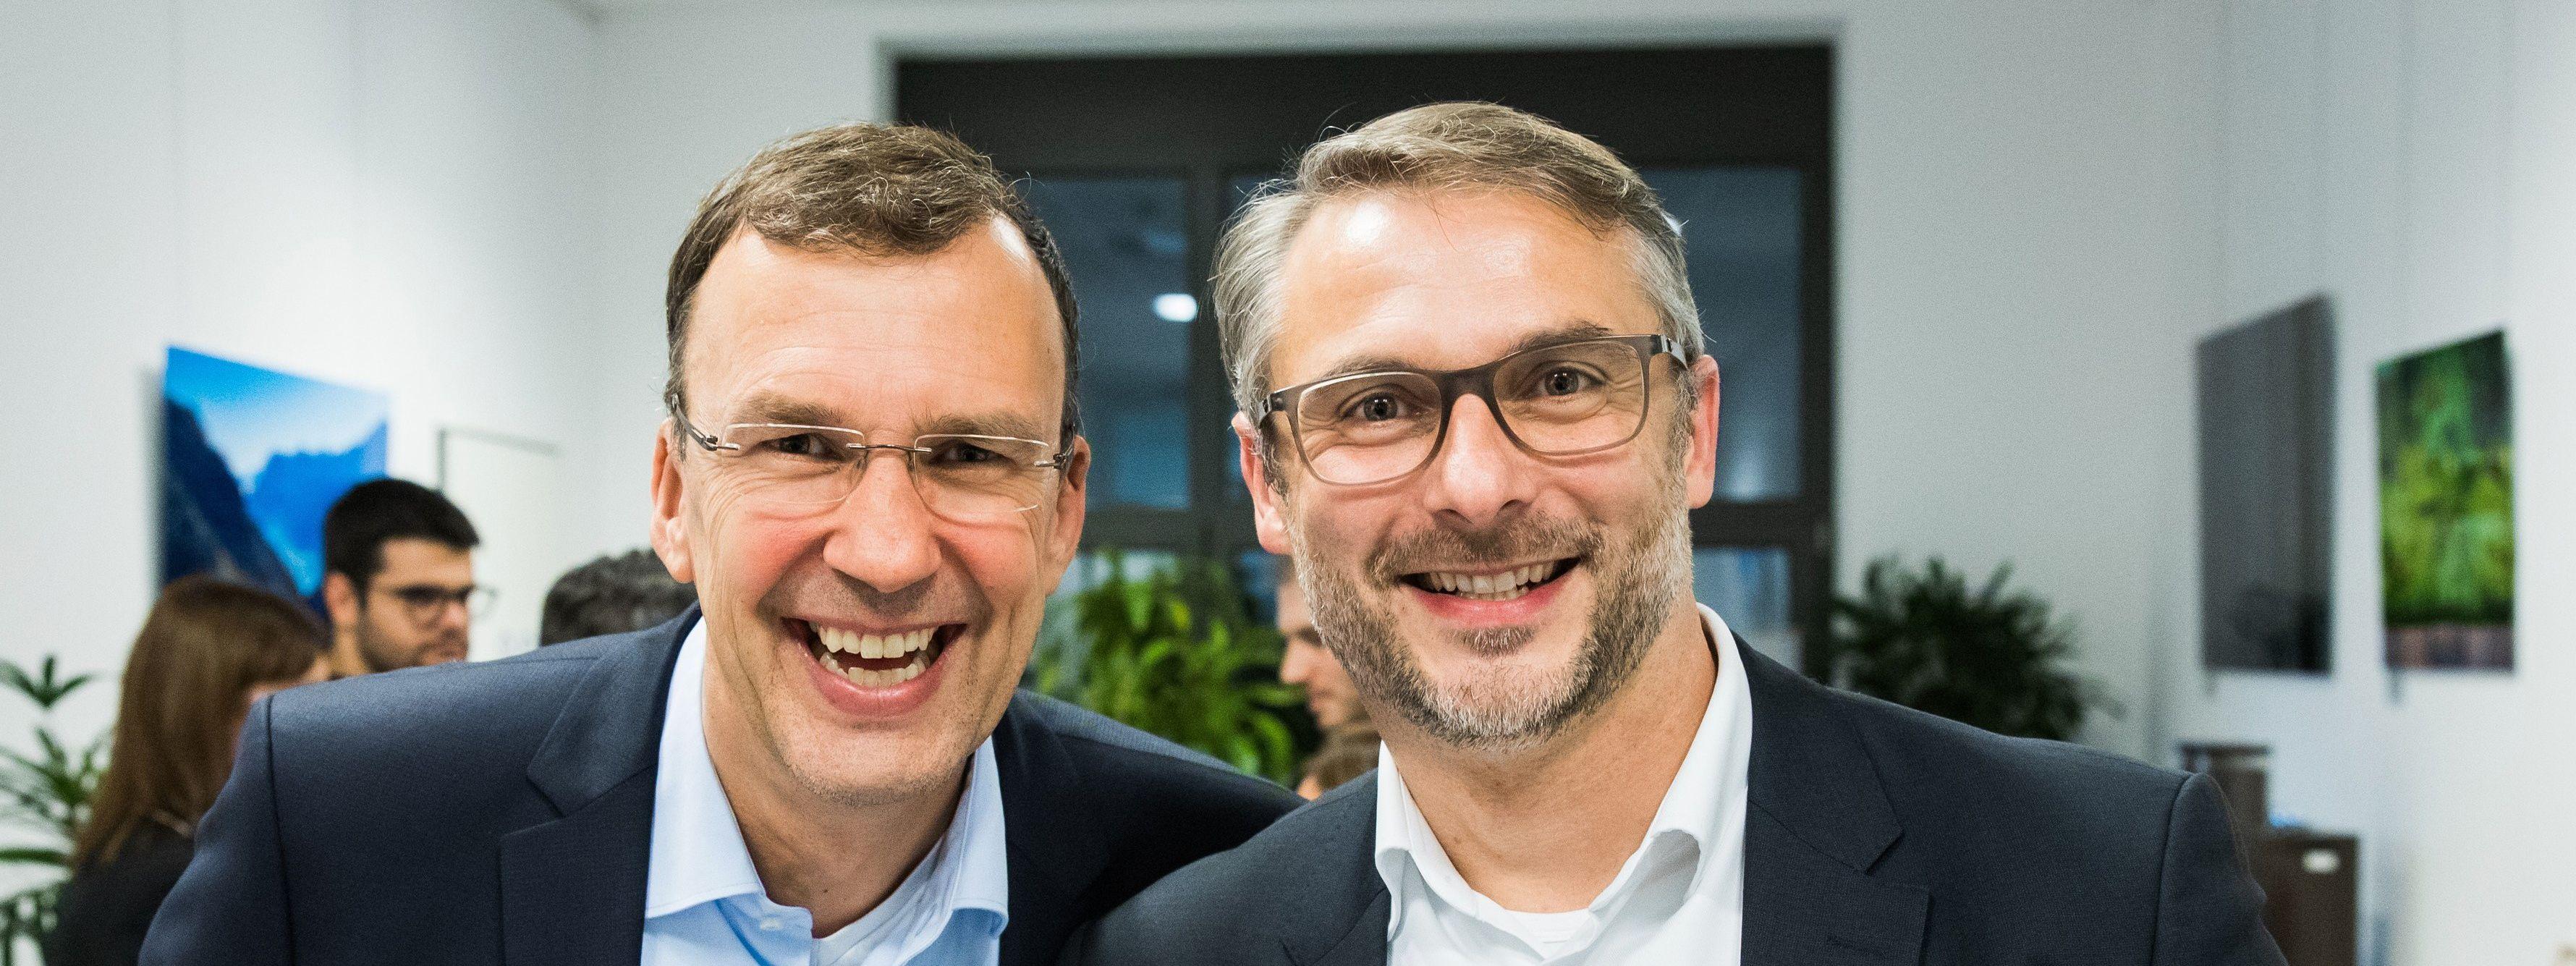 Utz Schäffer & Marko Reimer